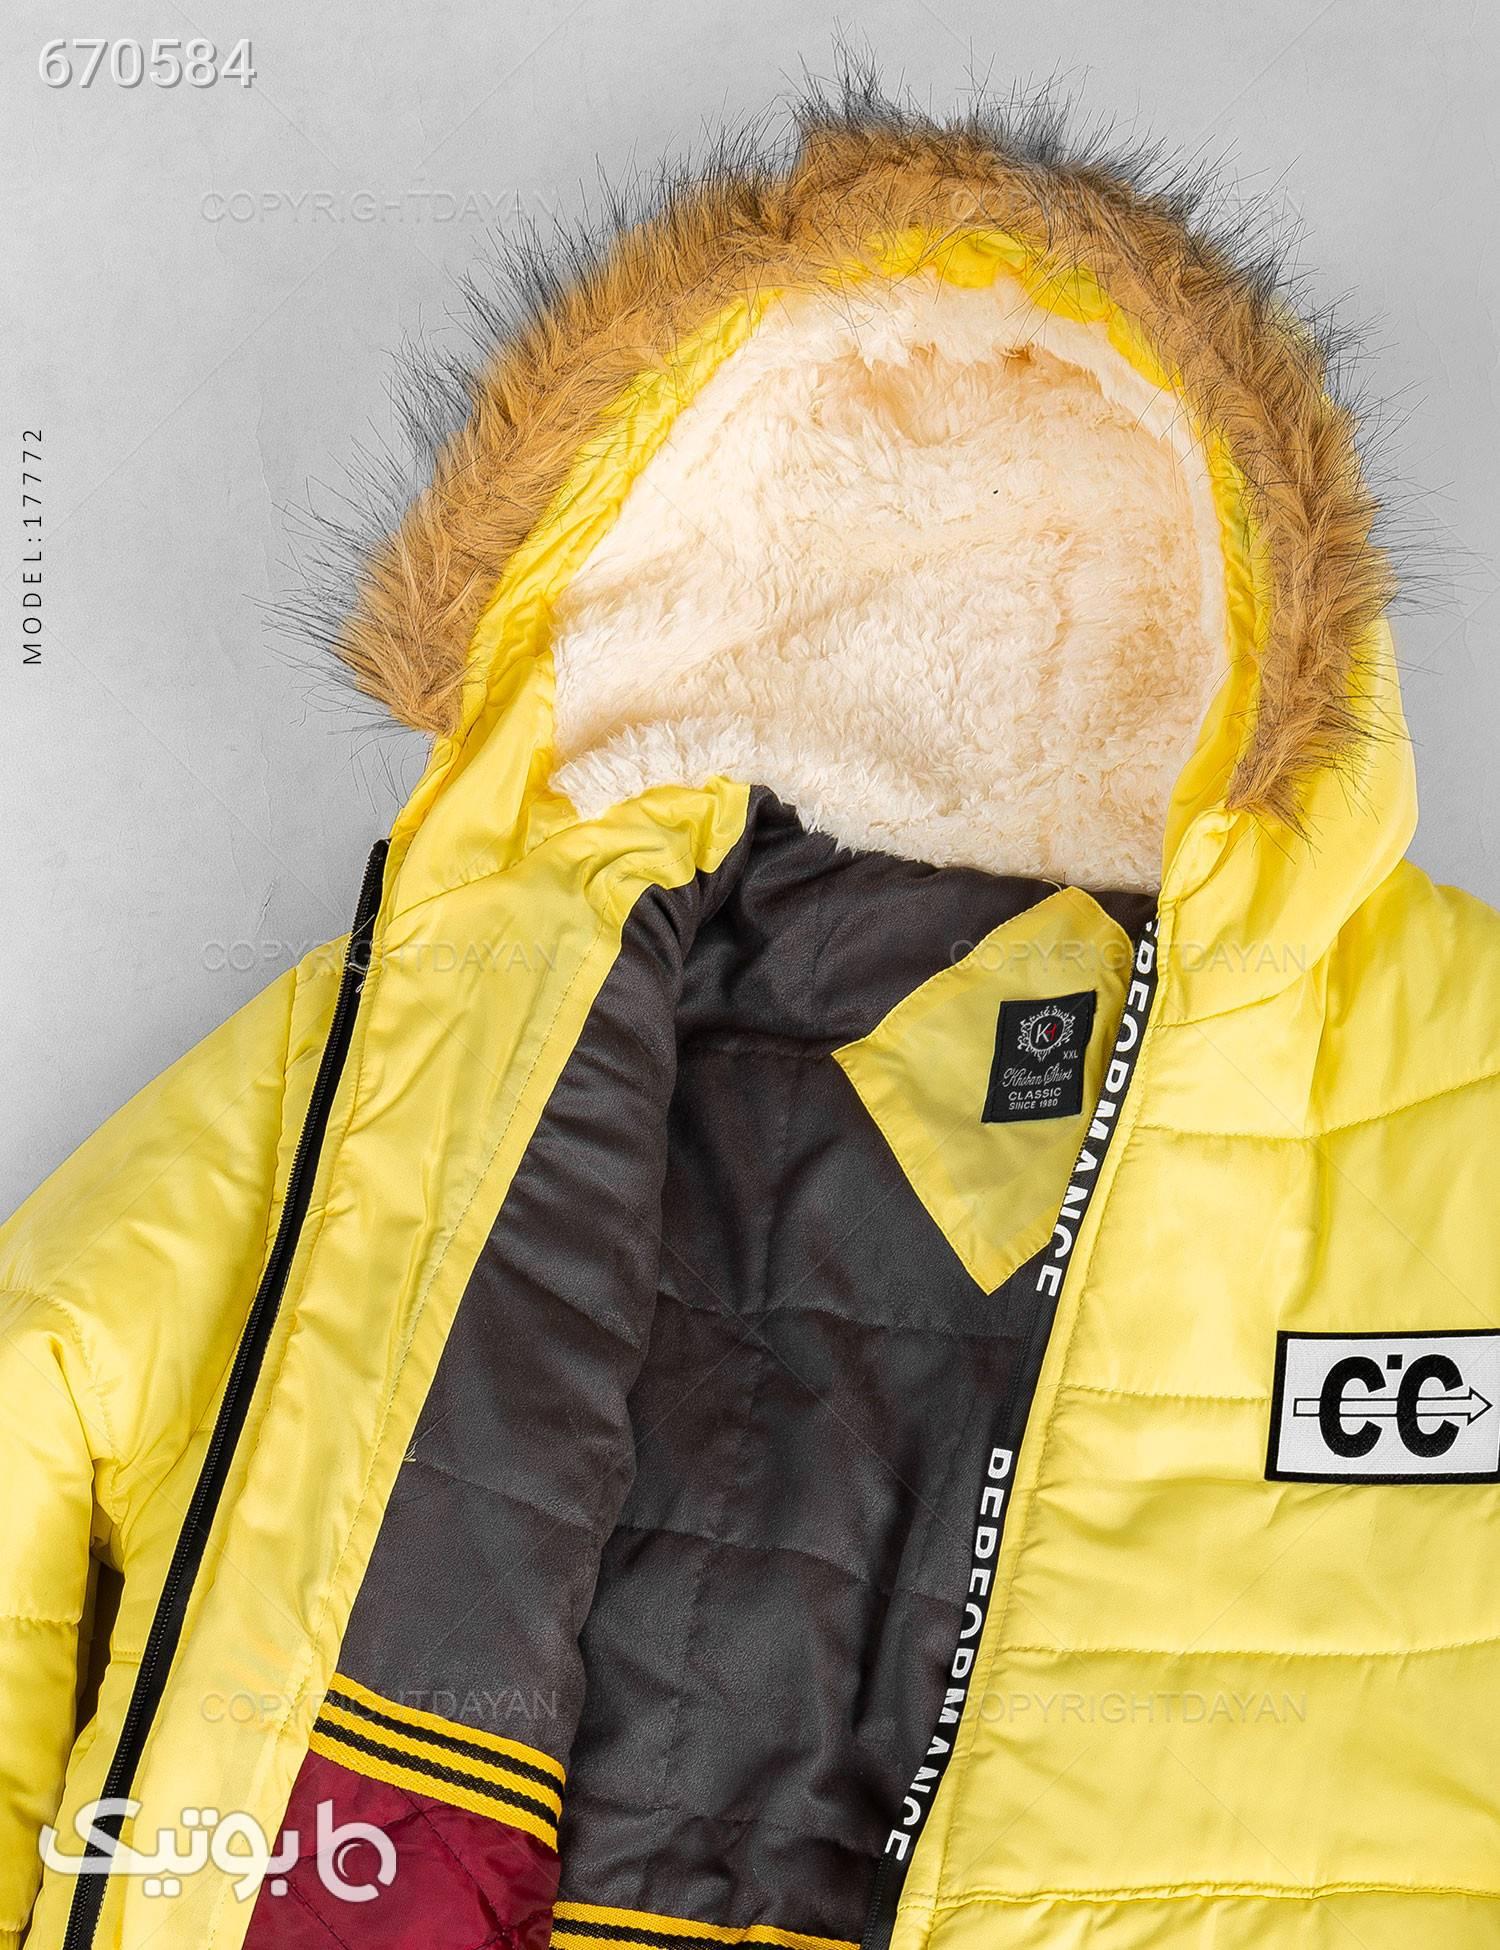 کاپشن پشم شیشه مردانه Tommy مدل 17772 زرد کاپشن و بارانی مردانه